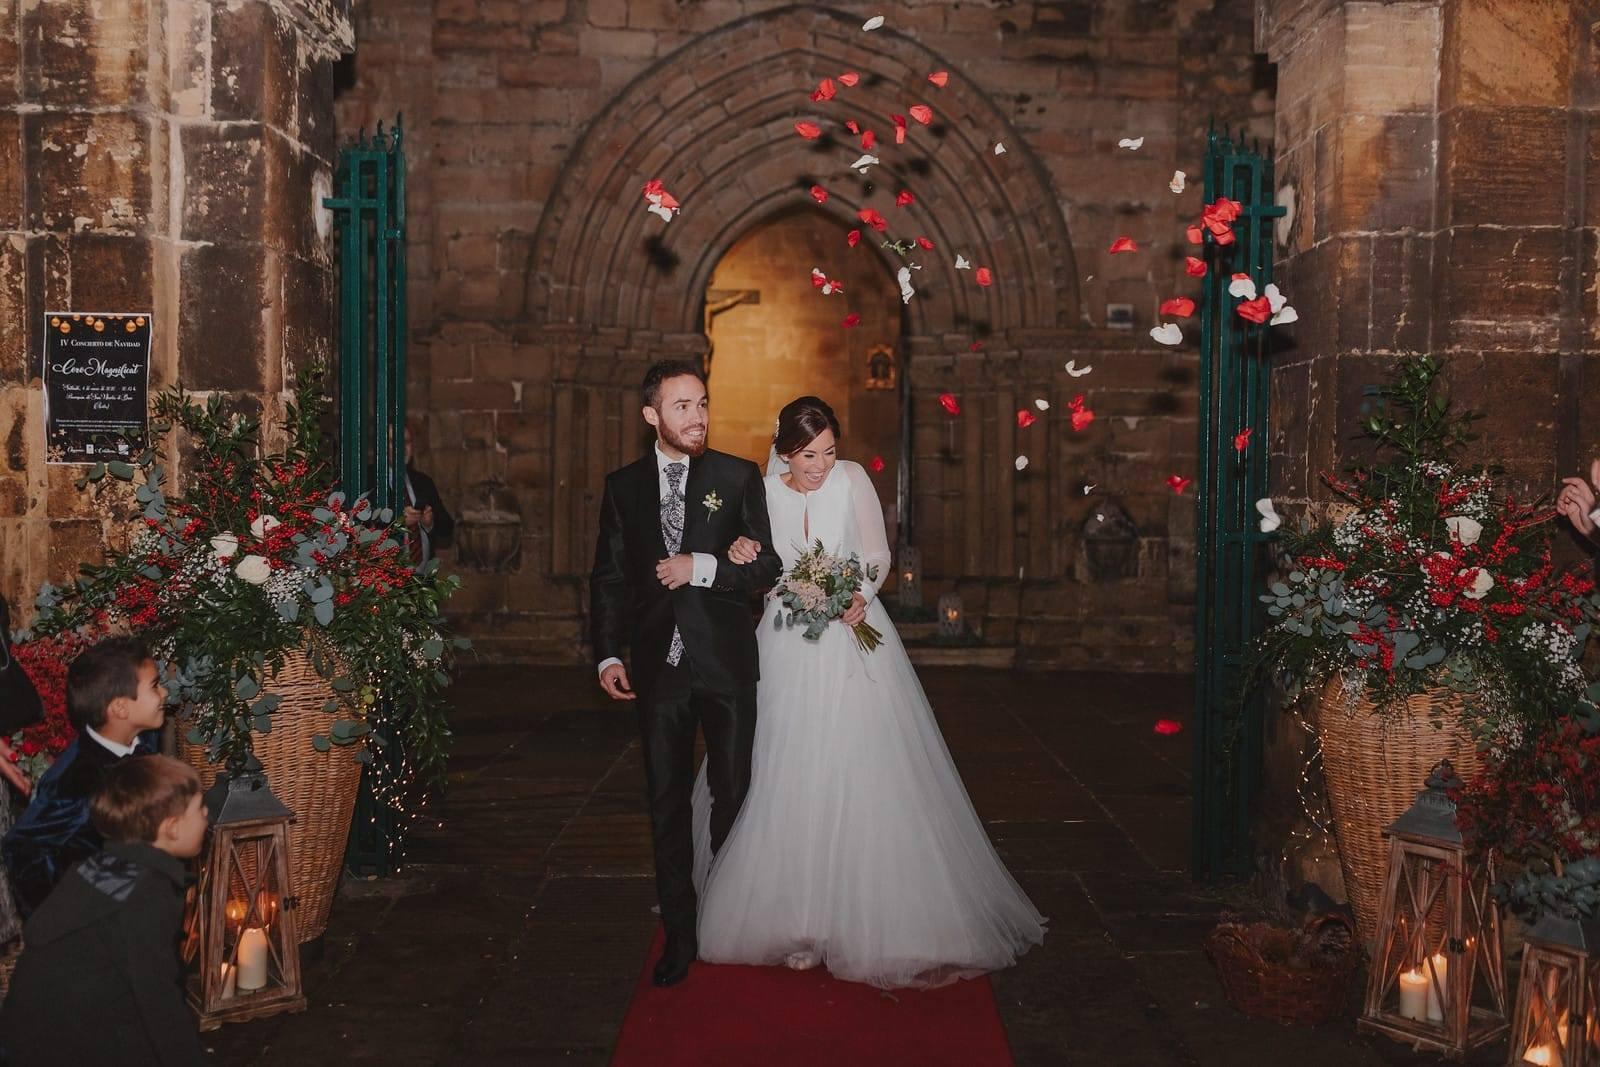 leymar-floristas-aviles-asturias-bodas-novias-flores-decoracion (12)